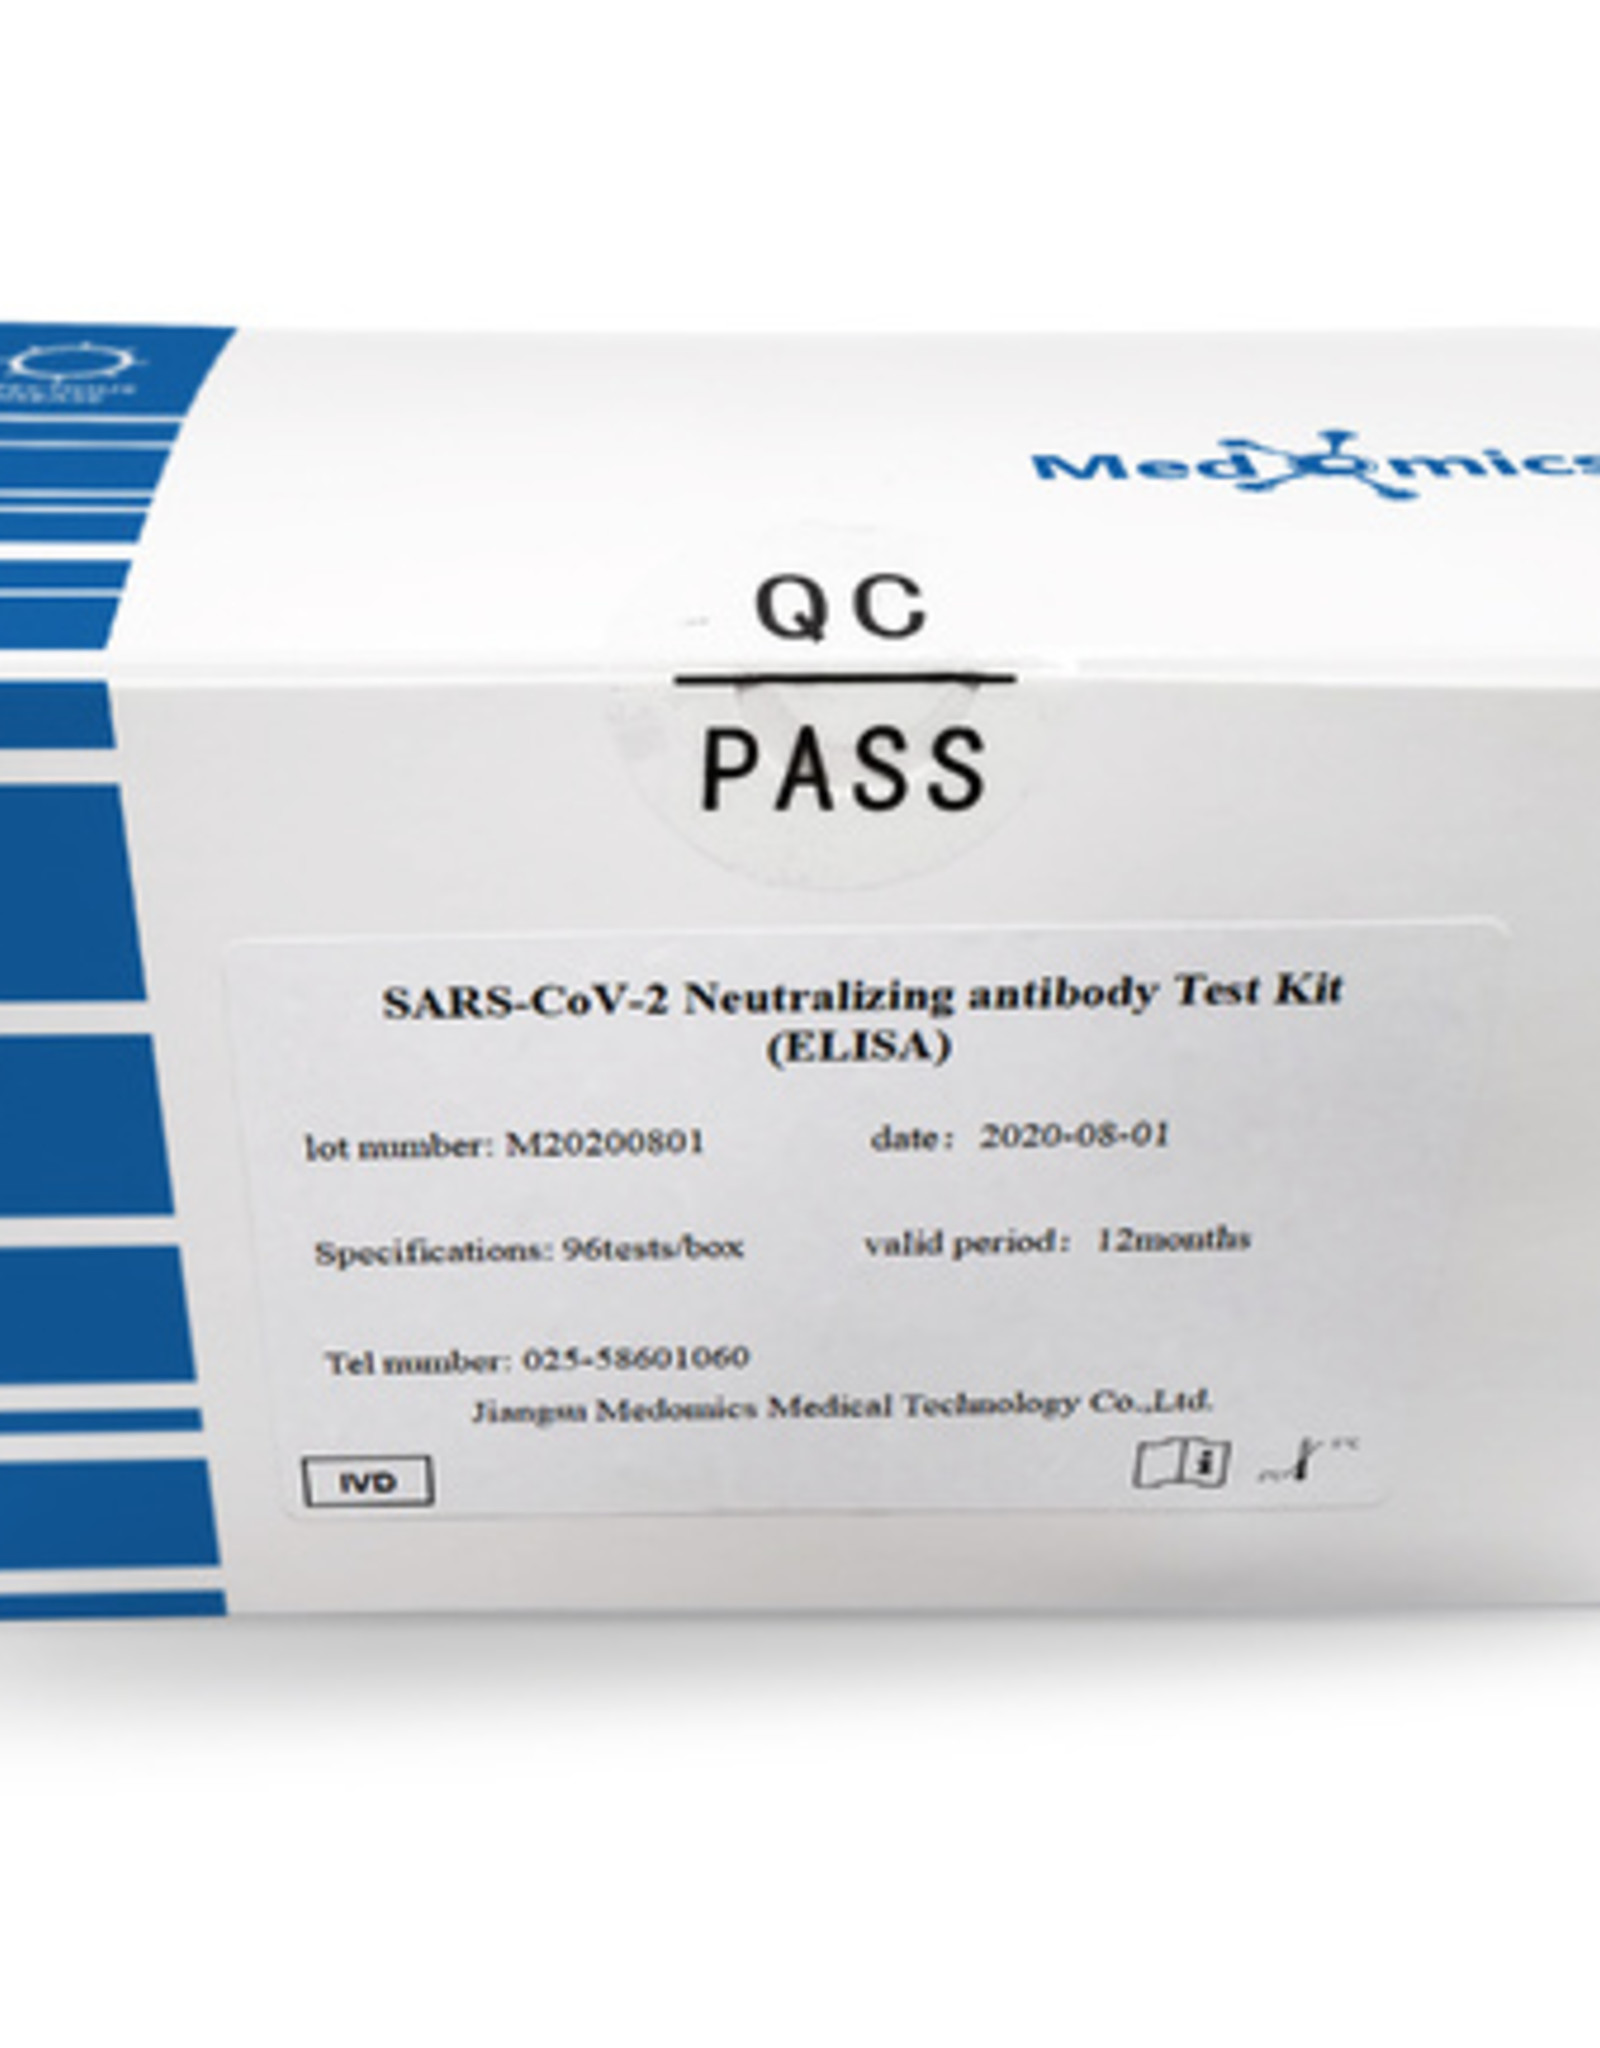 SARS-CoV-2 Antigen Test Kit (ELISA) - 96 tests